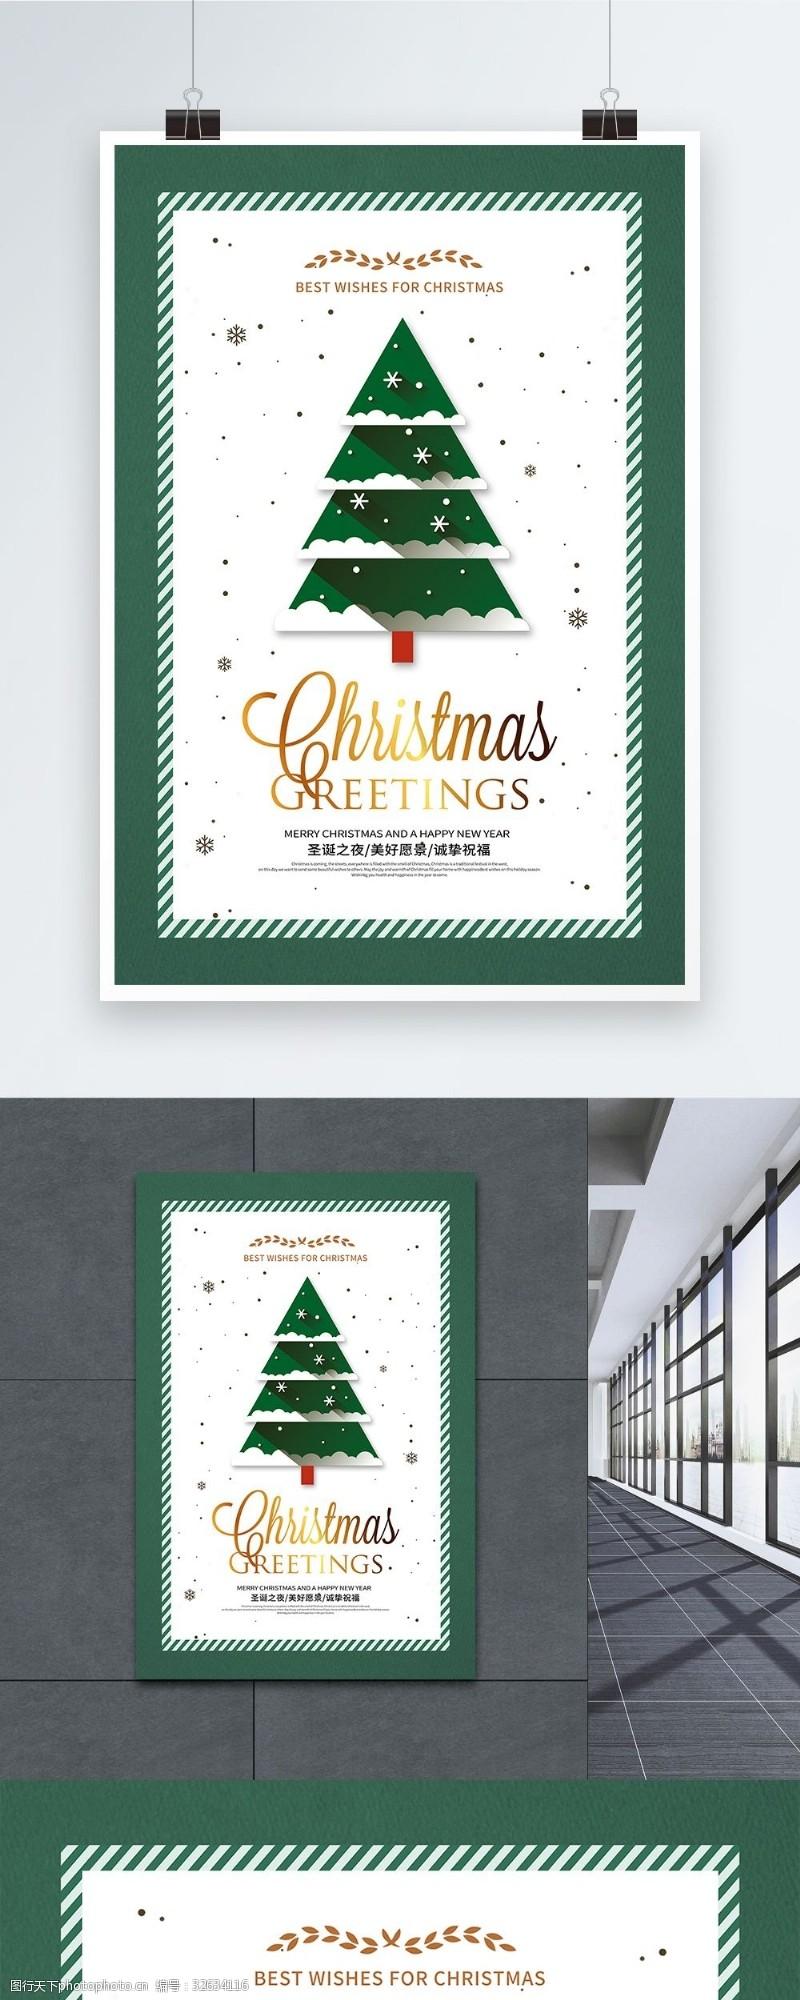 节日海报圣诞节圣诞节绿色圣诞树简约大气节日海报